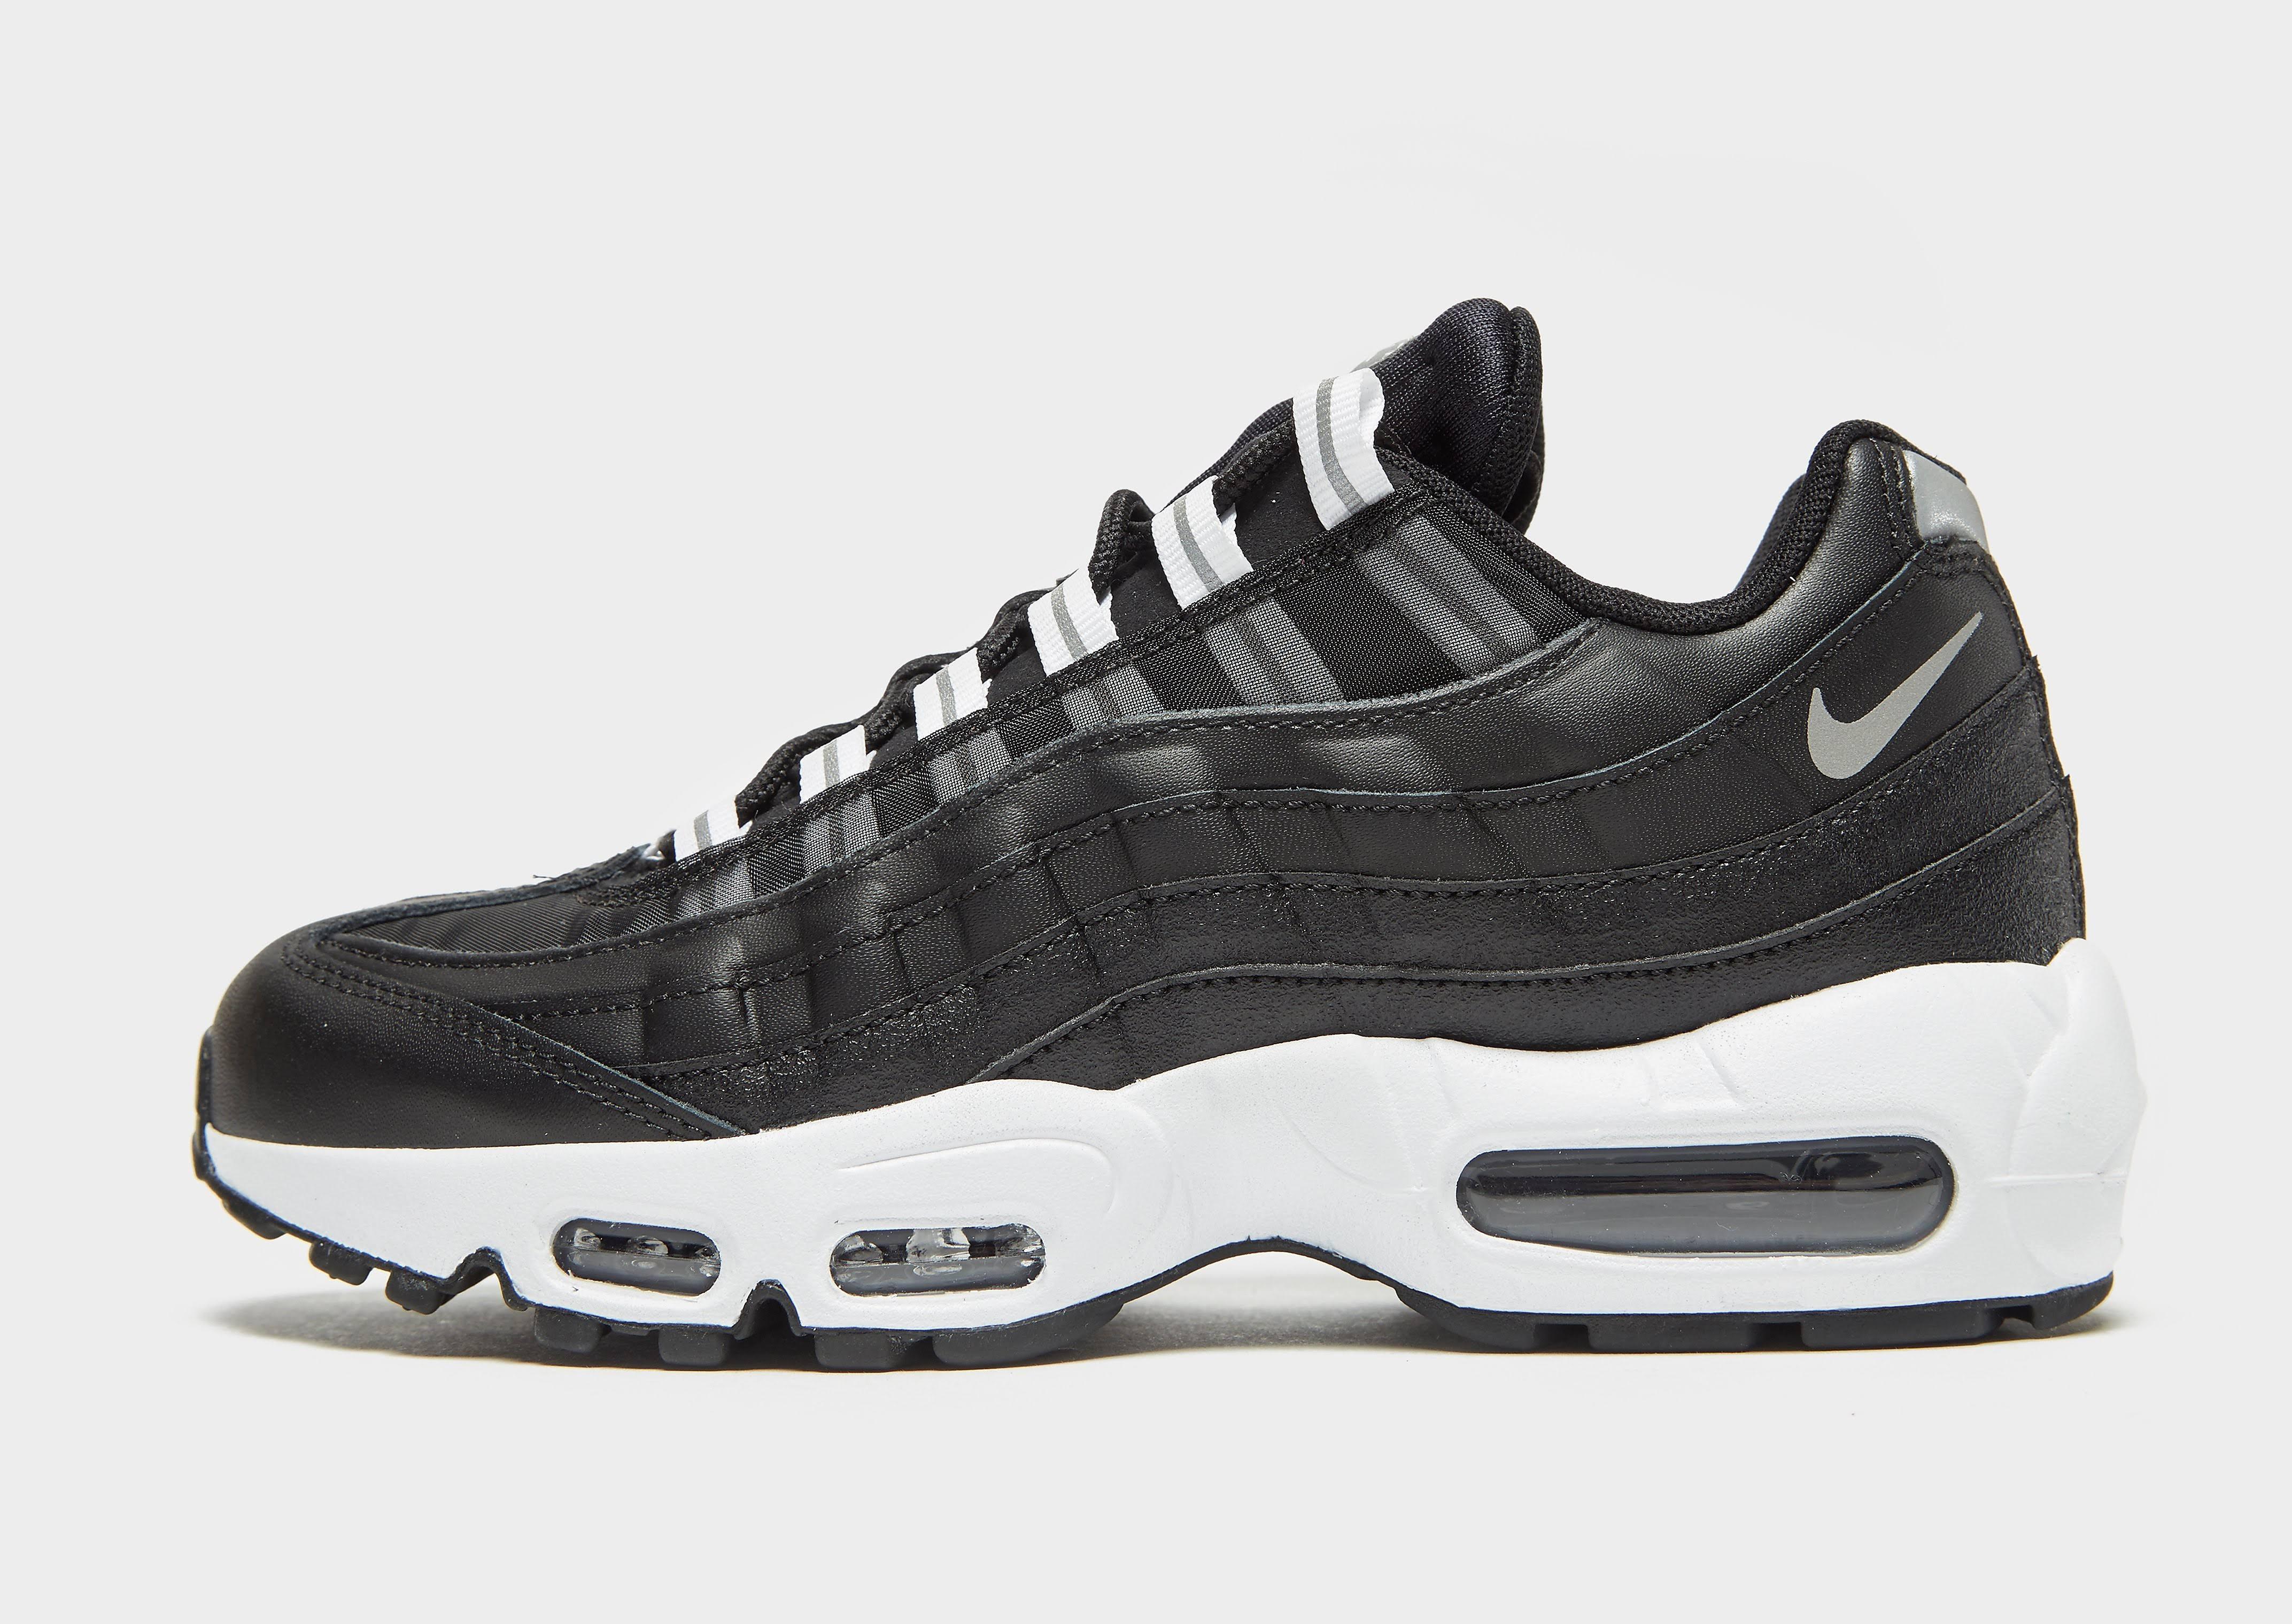 95 In zilver Max 36 Nike Sneaker Zwart Zwart Air Dames IPAUP